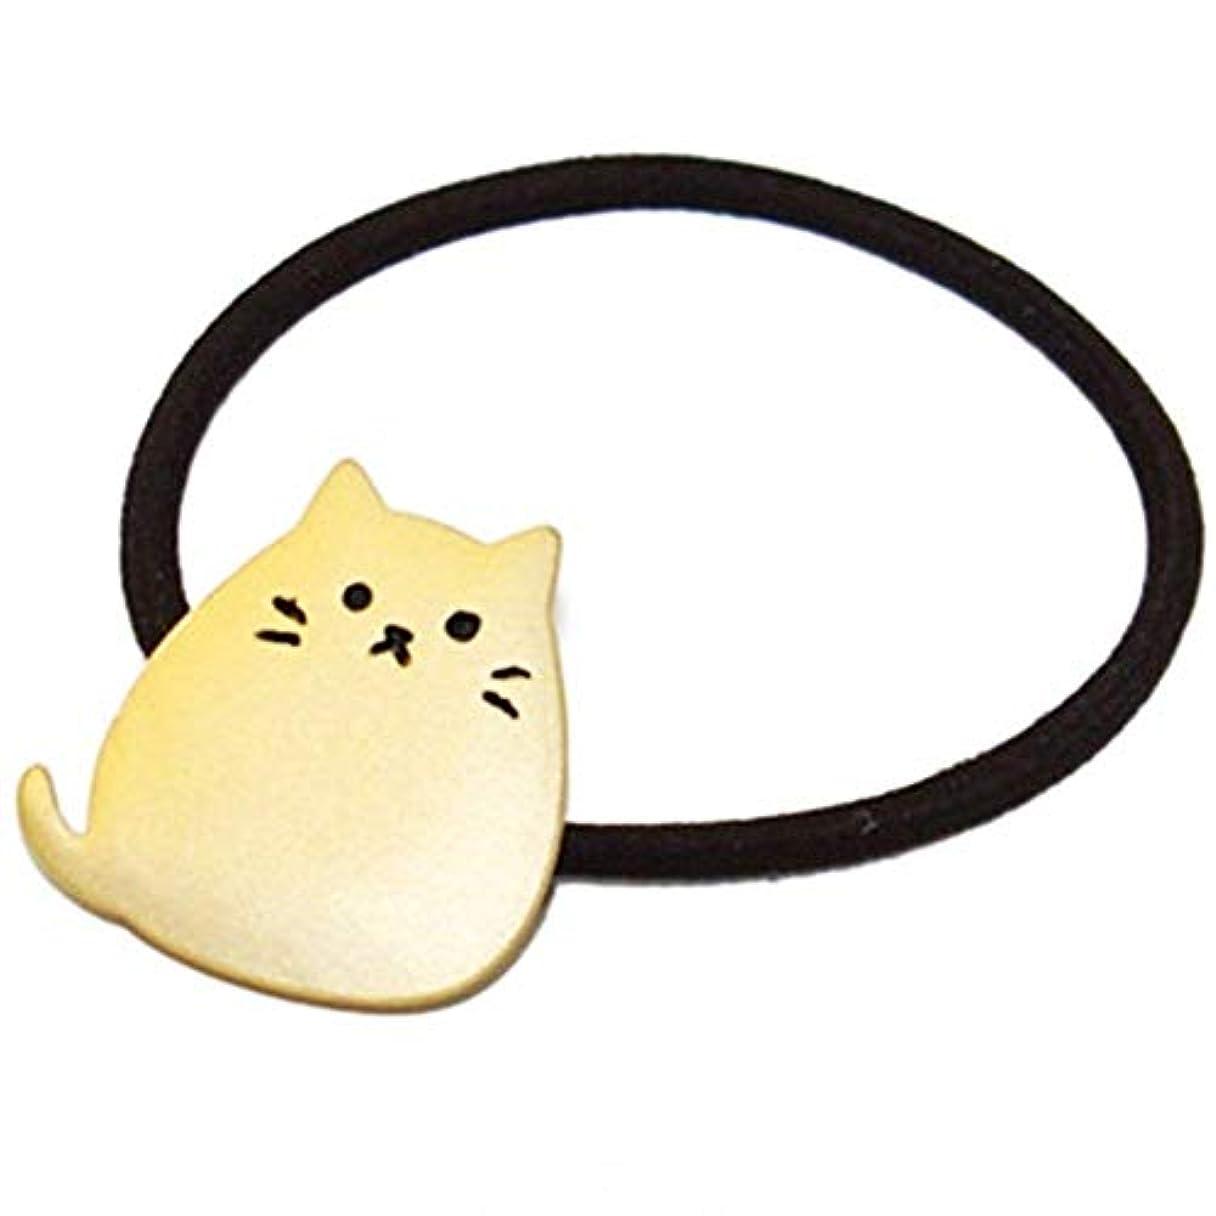 鉱石パイントアクセサリーOnior ヘアロープ 弾性 リボン 髪飾り ヘアネクタイ 猫形 金属 メッキ 1ピース ゴールデン